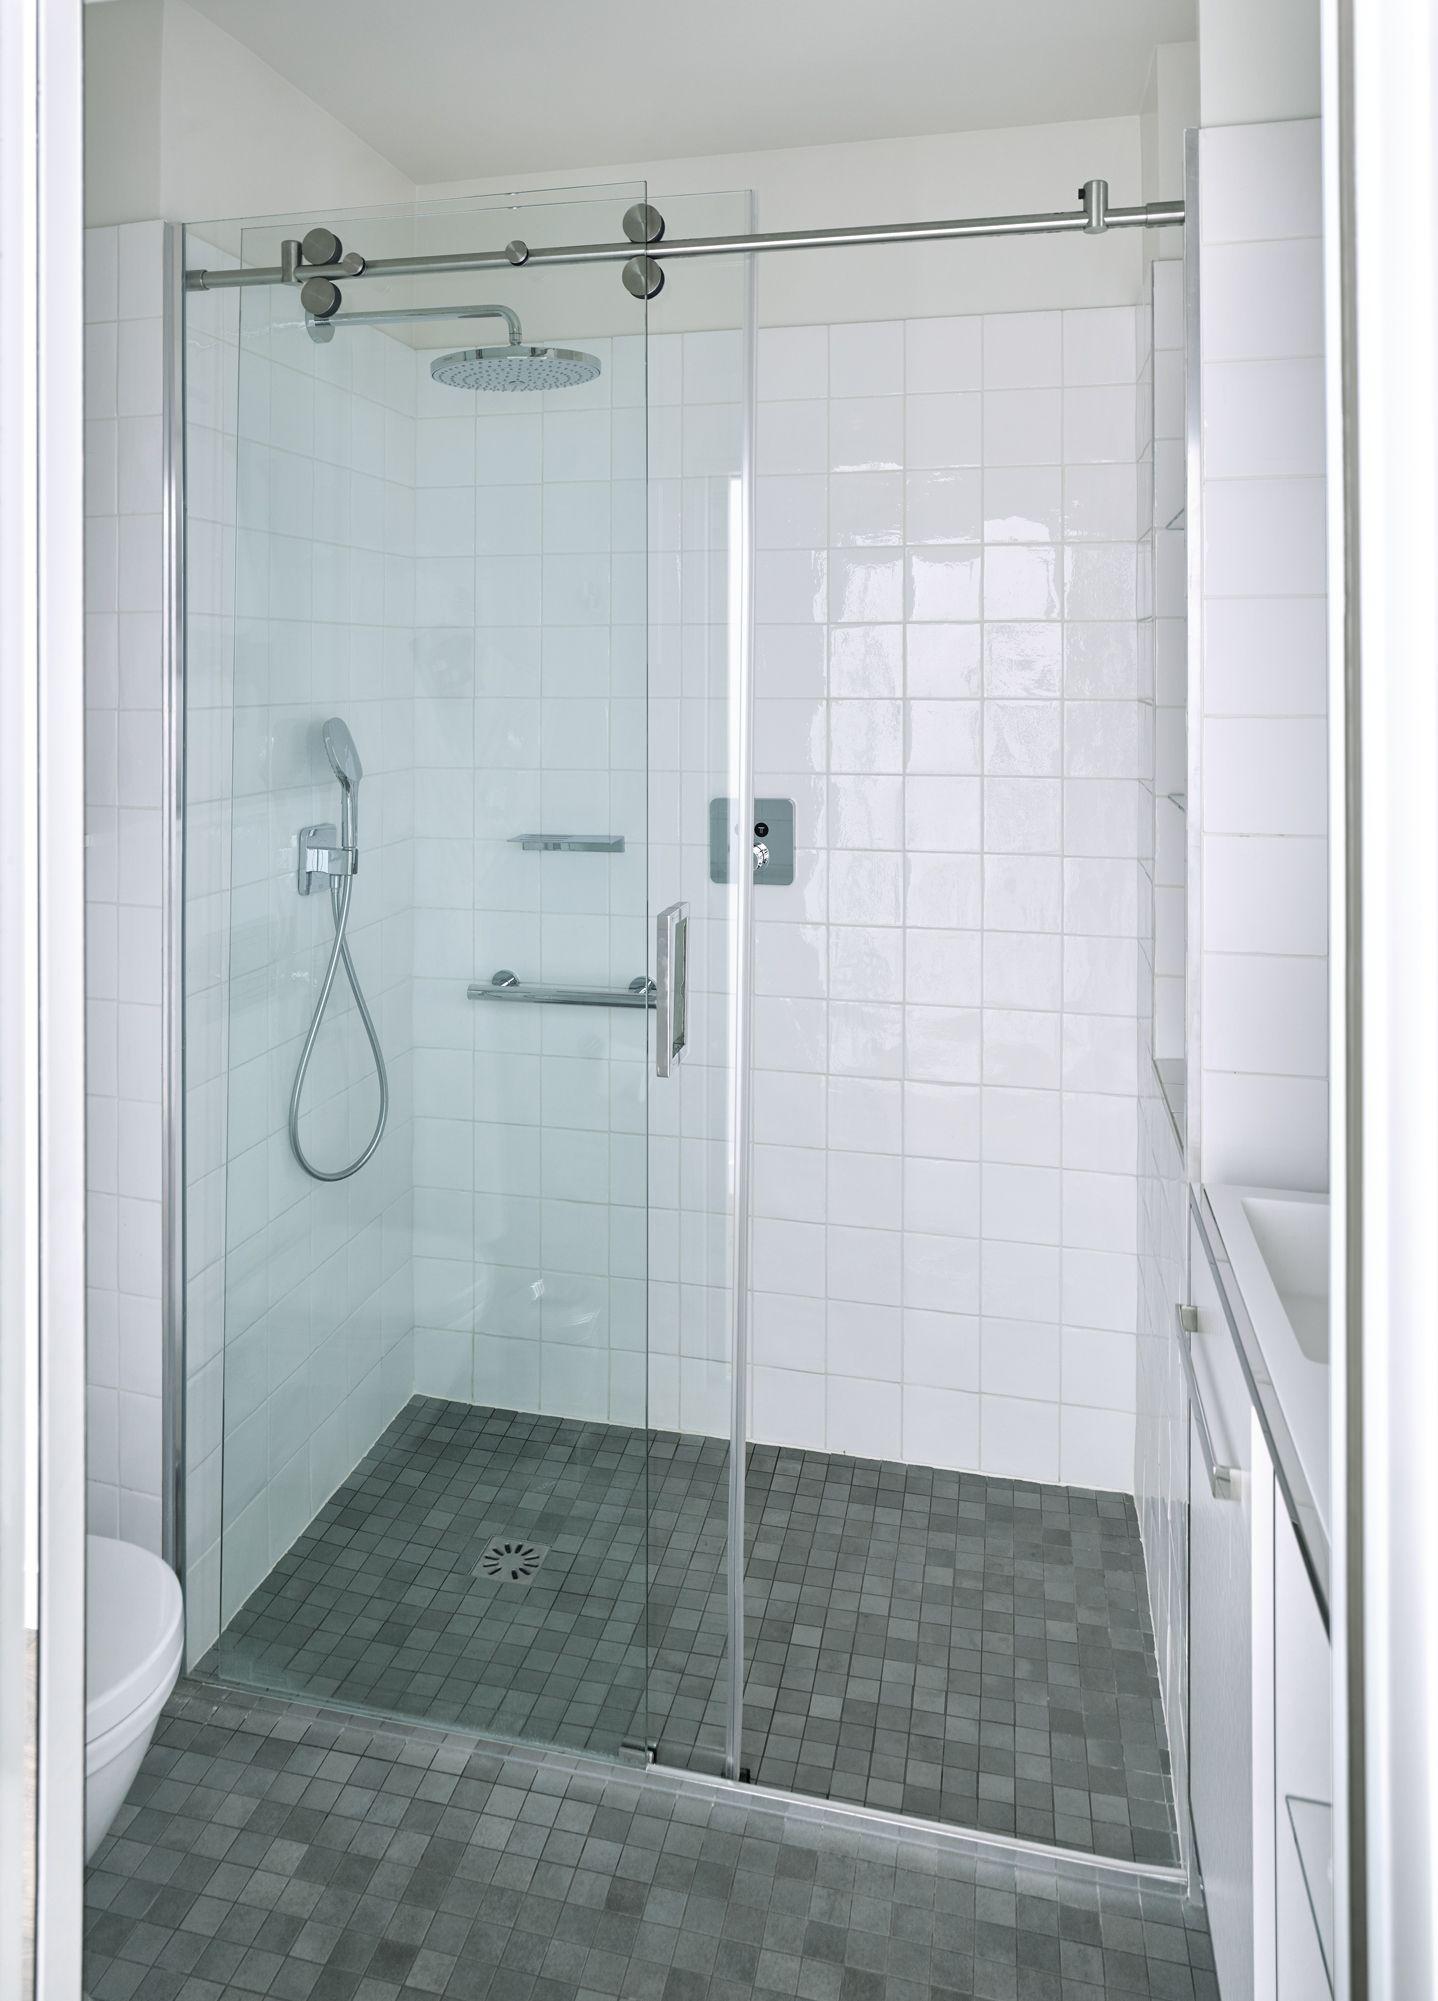 Contrast duș cu varice - cum se face?